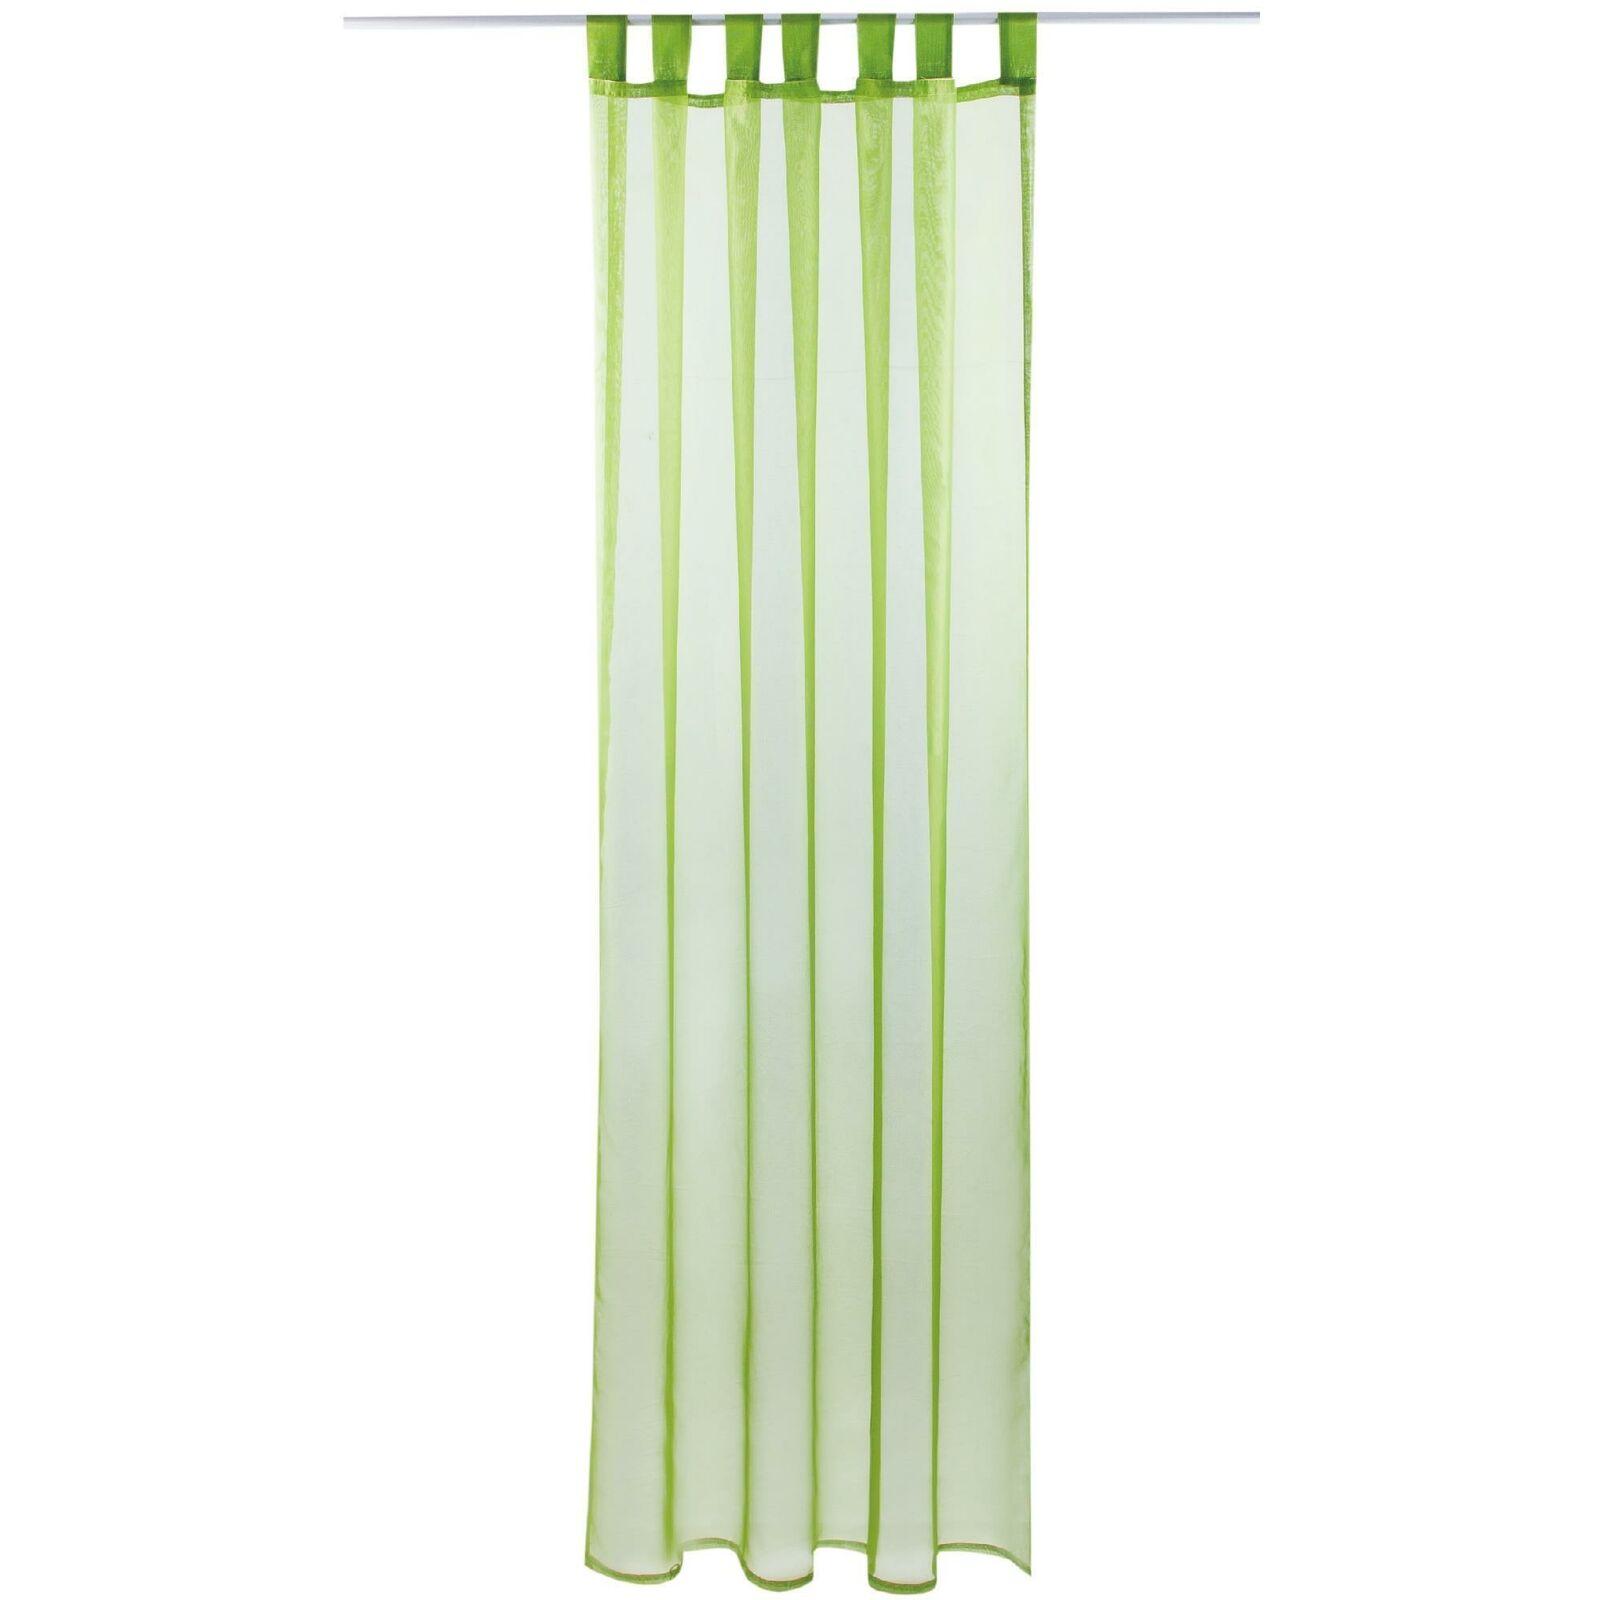 Schlaufenschal Vorhang mit Schlaufen Transparent Voile Uni Gardine große Auswahl grün - olivgrün